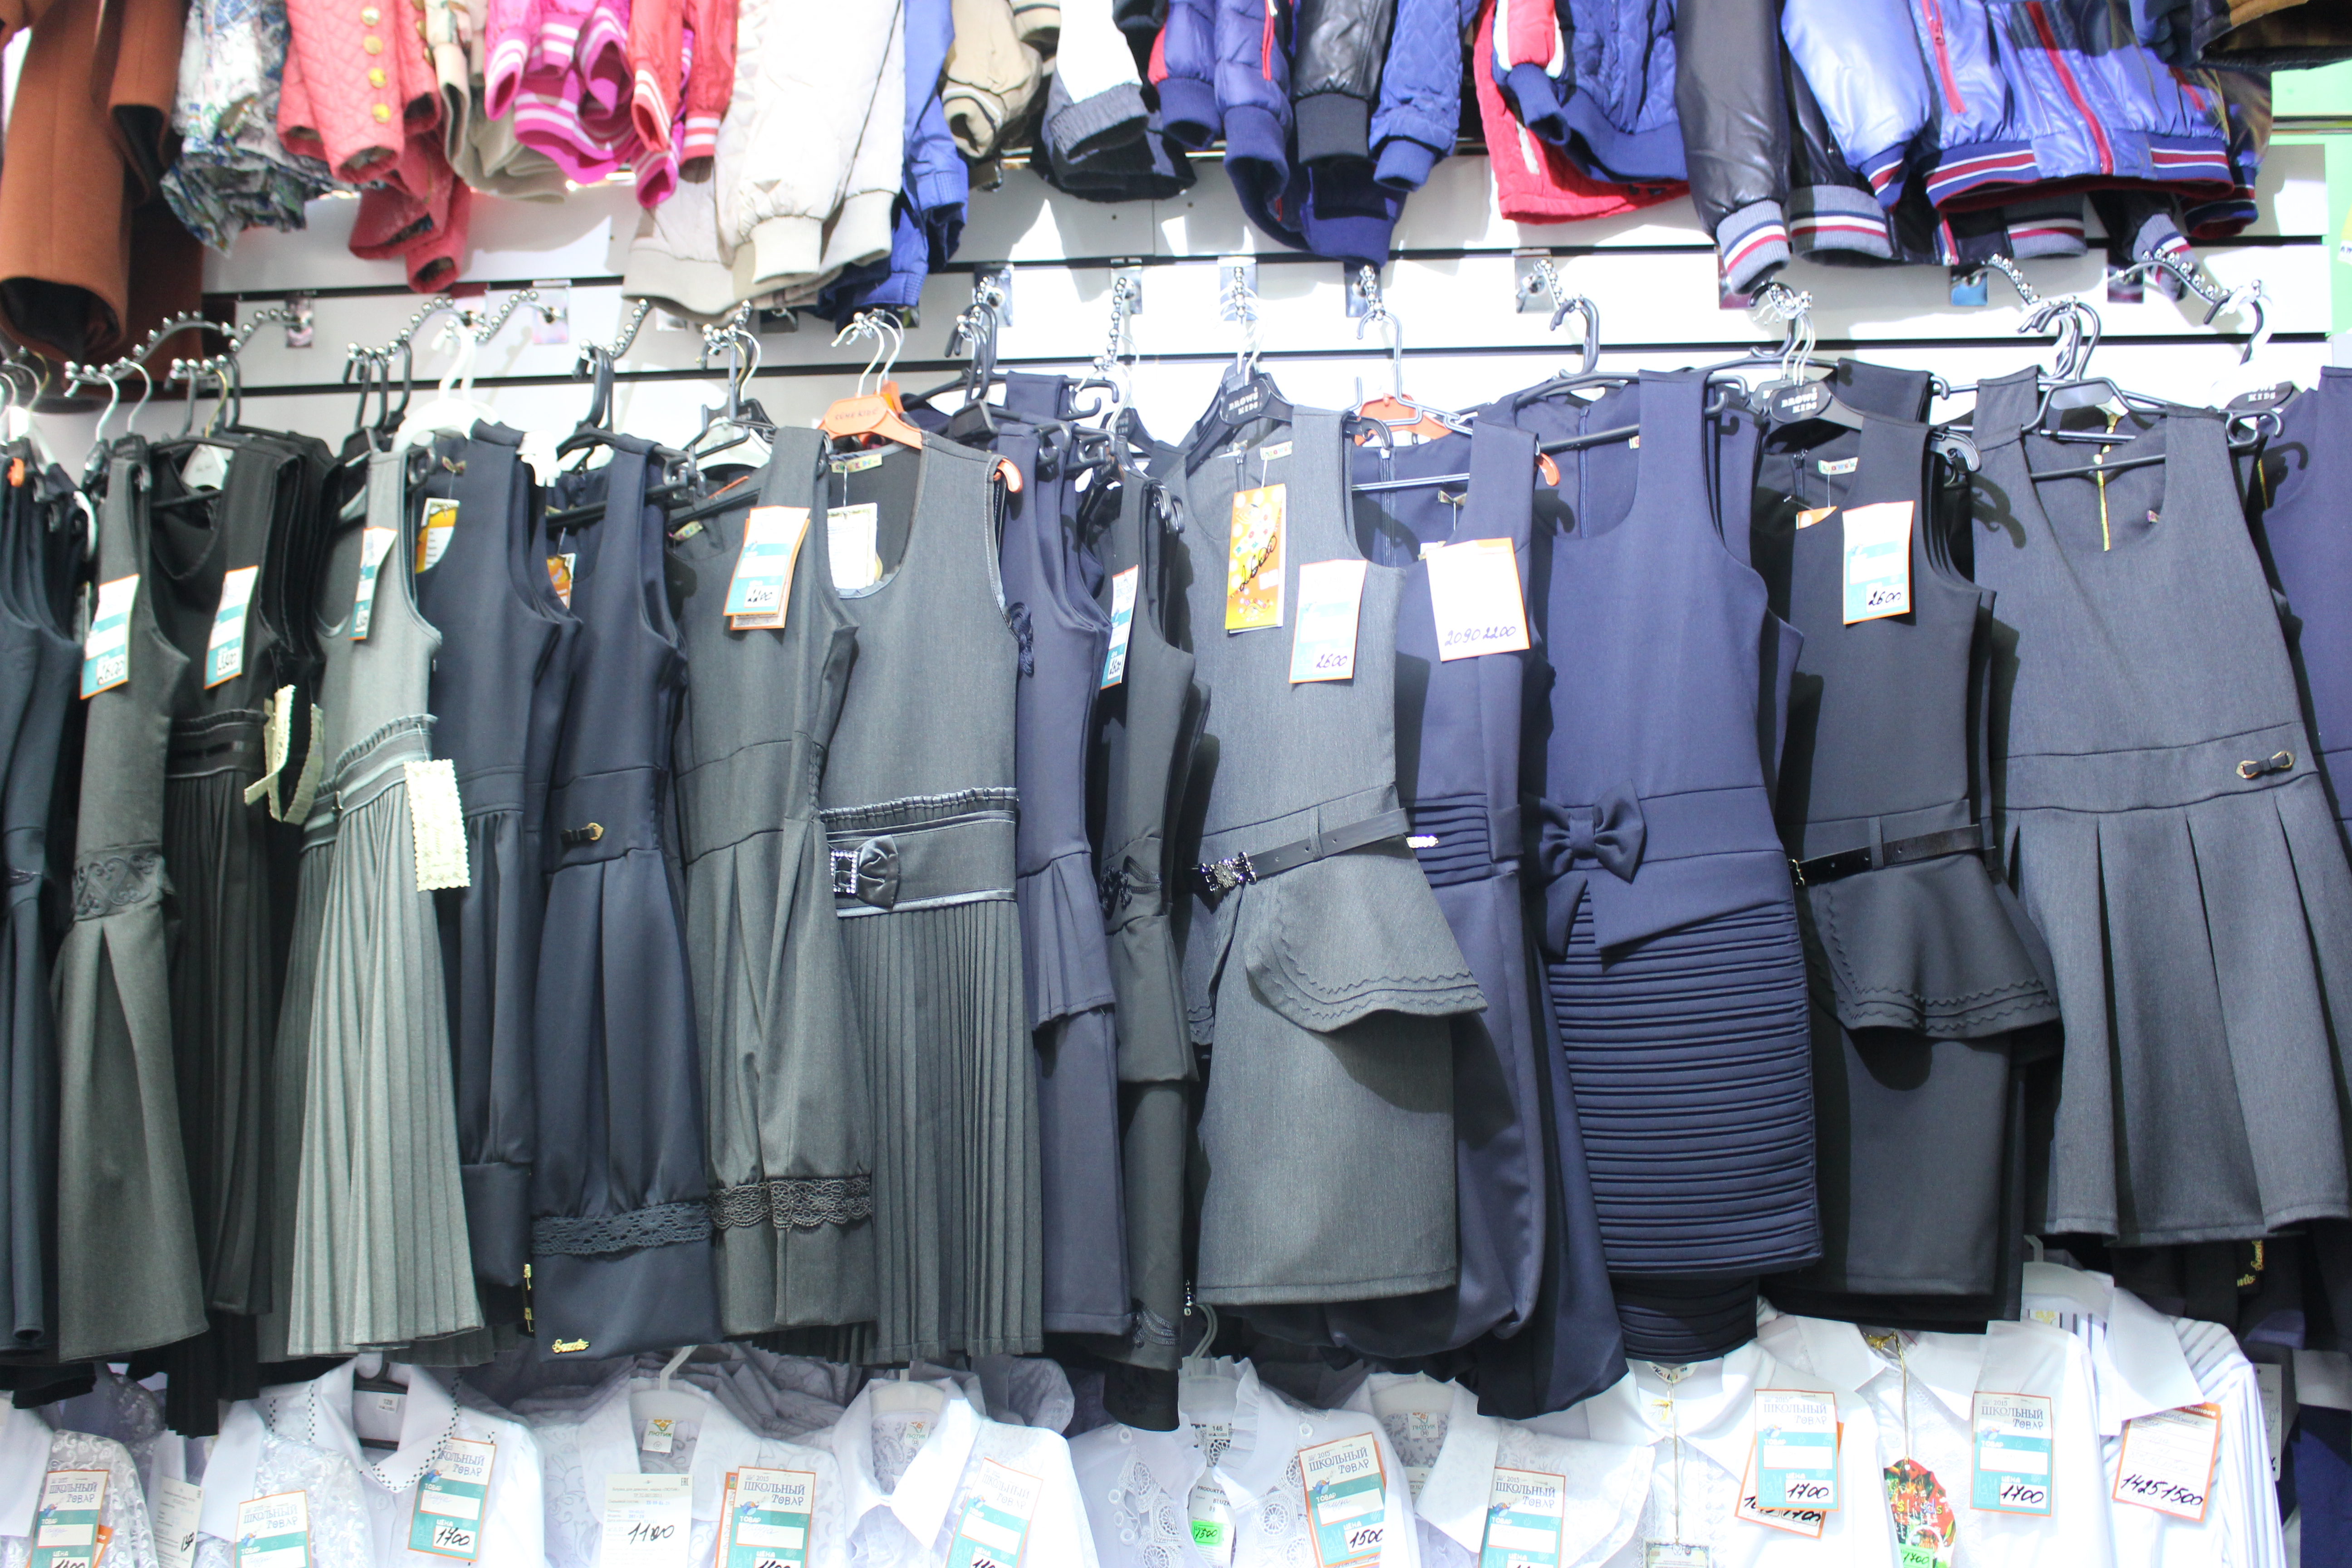 Магазин Дюссельдорф В Омске Каталог Одежды Цены